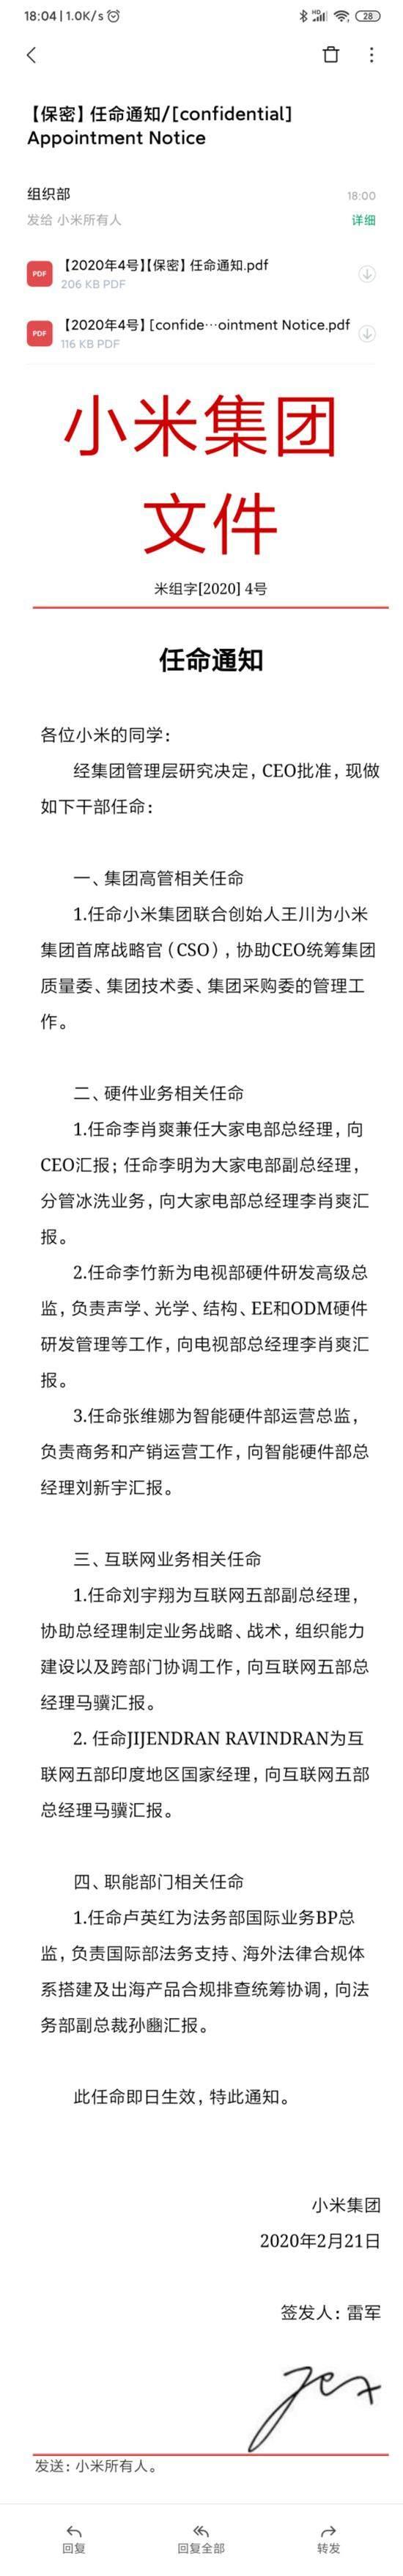 小米集团架构调整:王川为CSO,李肖爽兼任大家电部总经理_-_热点资讯-苏宁优评网